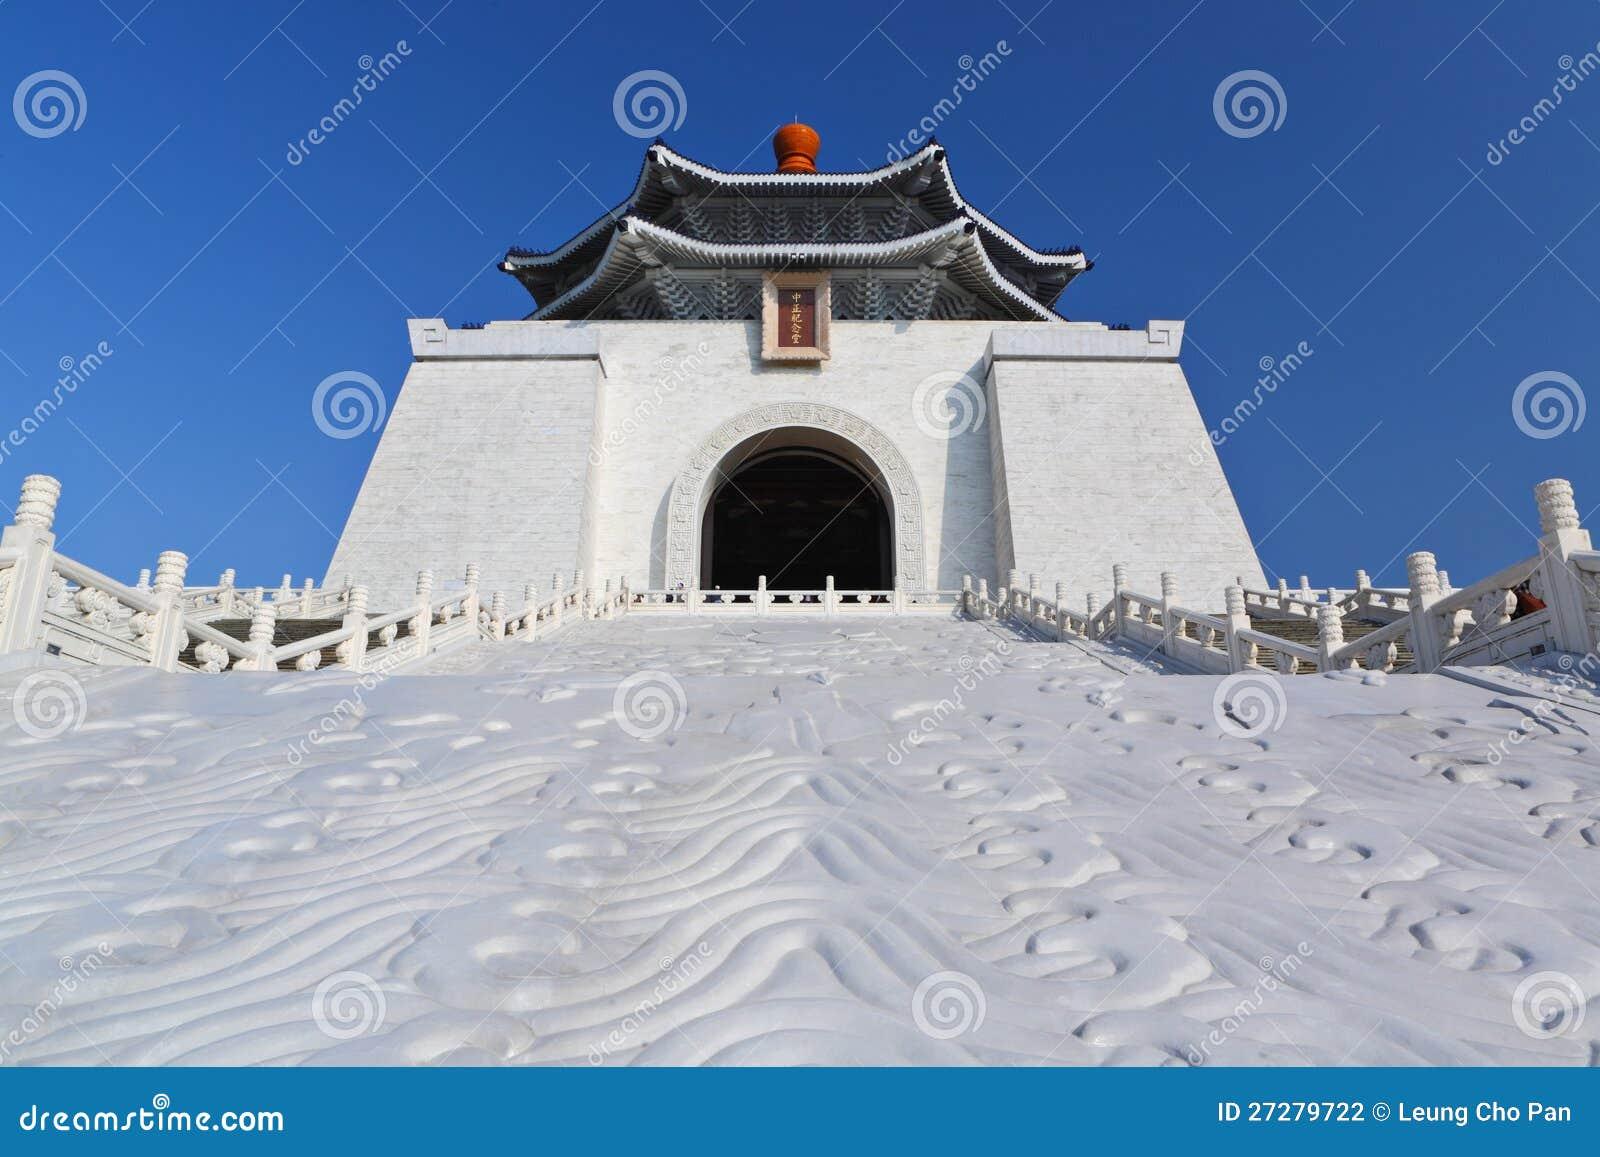 Αναμνηστική αίθουσα kai Chiang shek στην Ταϊβάν